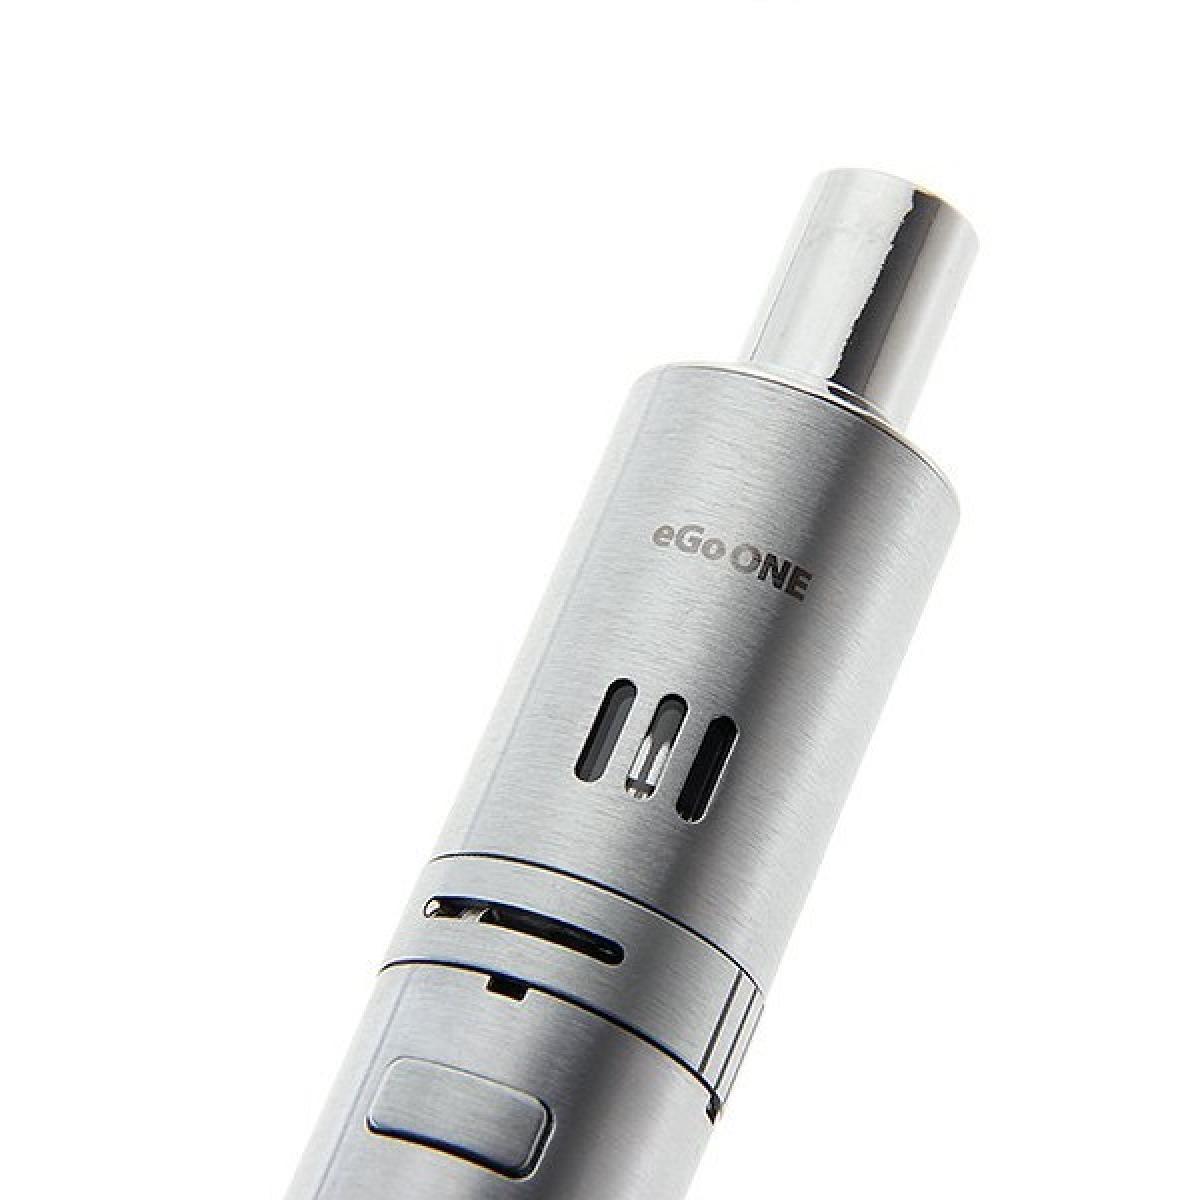 Электронная сигареты заказать электронные сигареты бокс моды купить